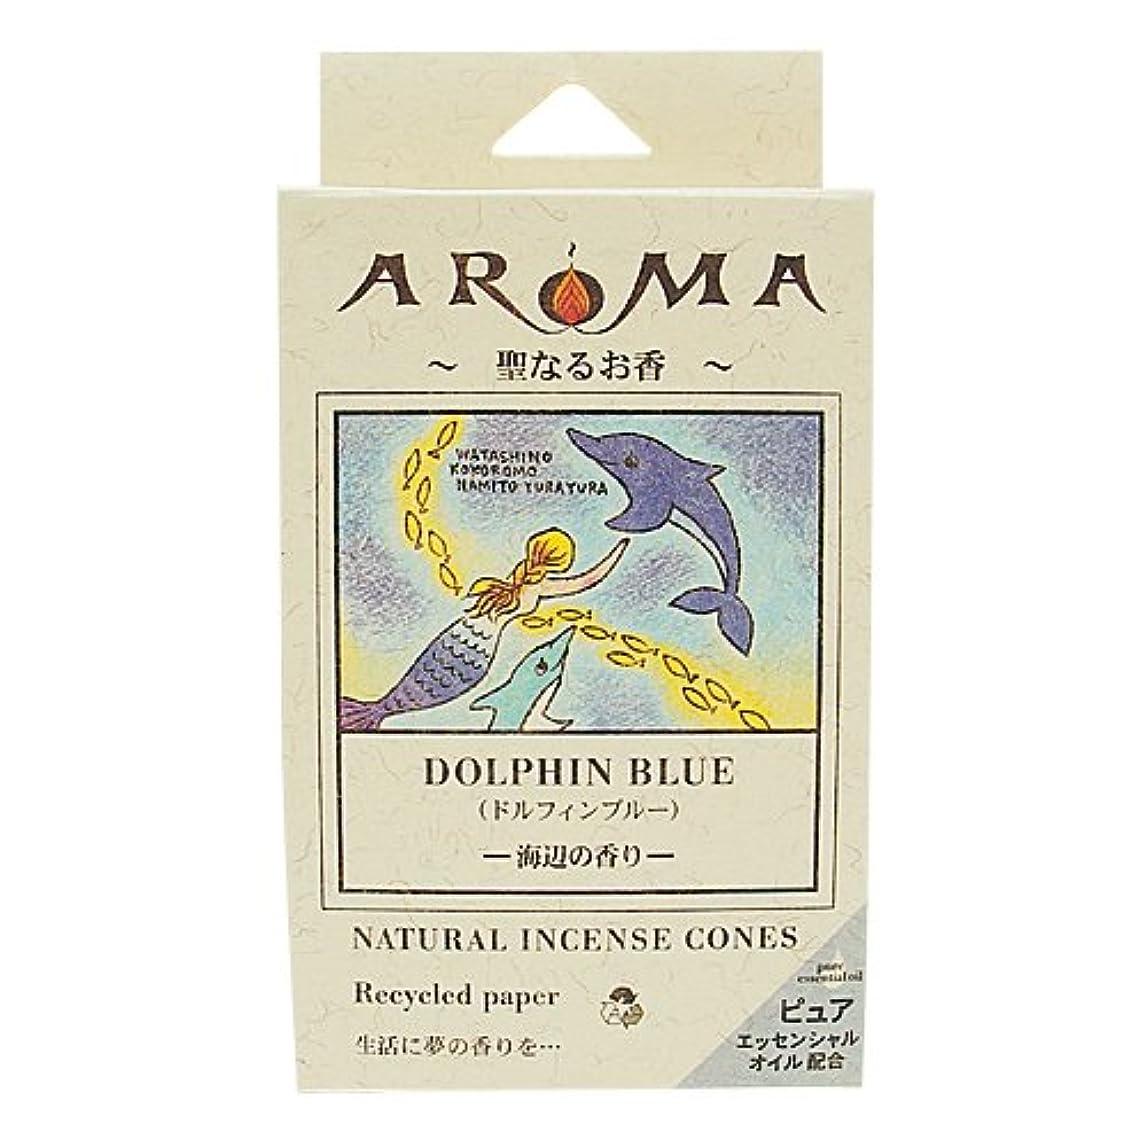 ミュージカル文字ブランド名アロマ香 ドルフィンブルー 16粒(コーンタイプインセンス 1粒の燃焼時間約20分 海辺の香り)